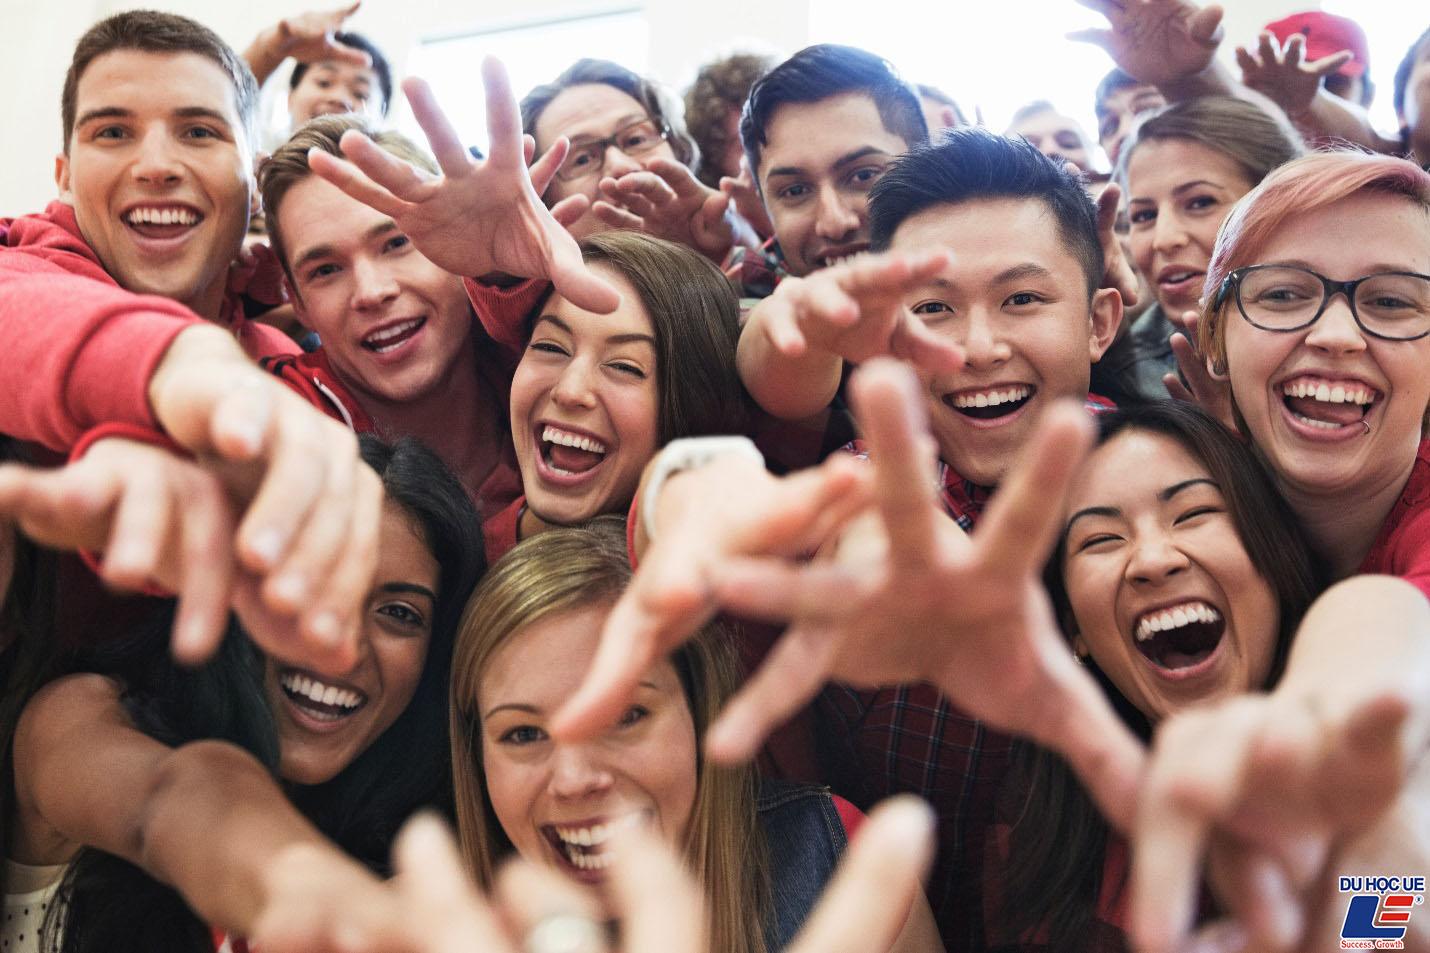 Du học Úc - Sinh viên quốc tế được bảo vệ như thế nào? 3